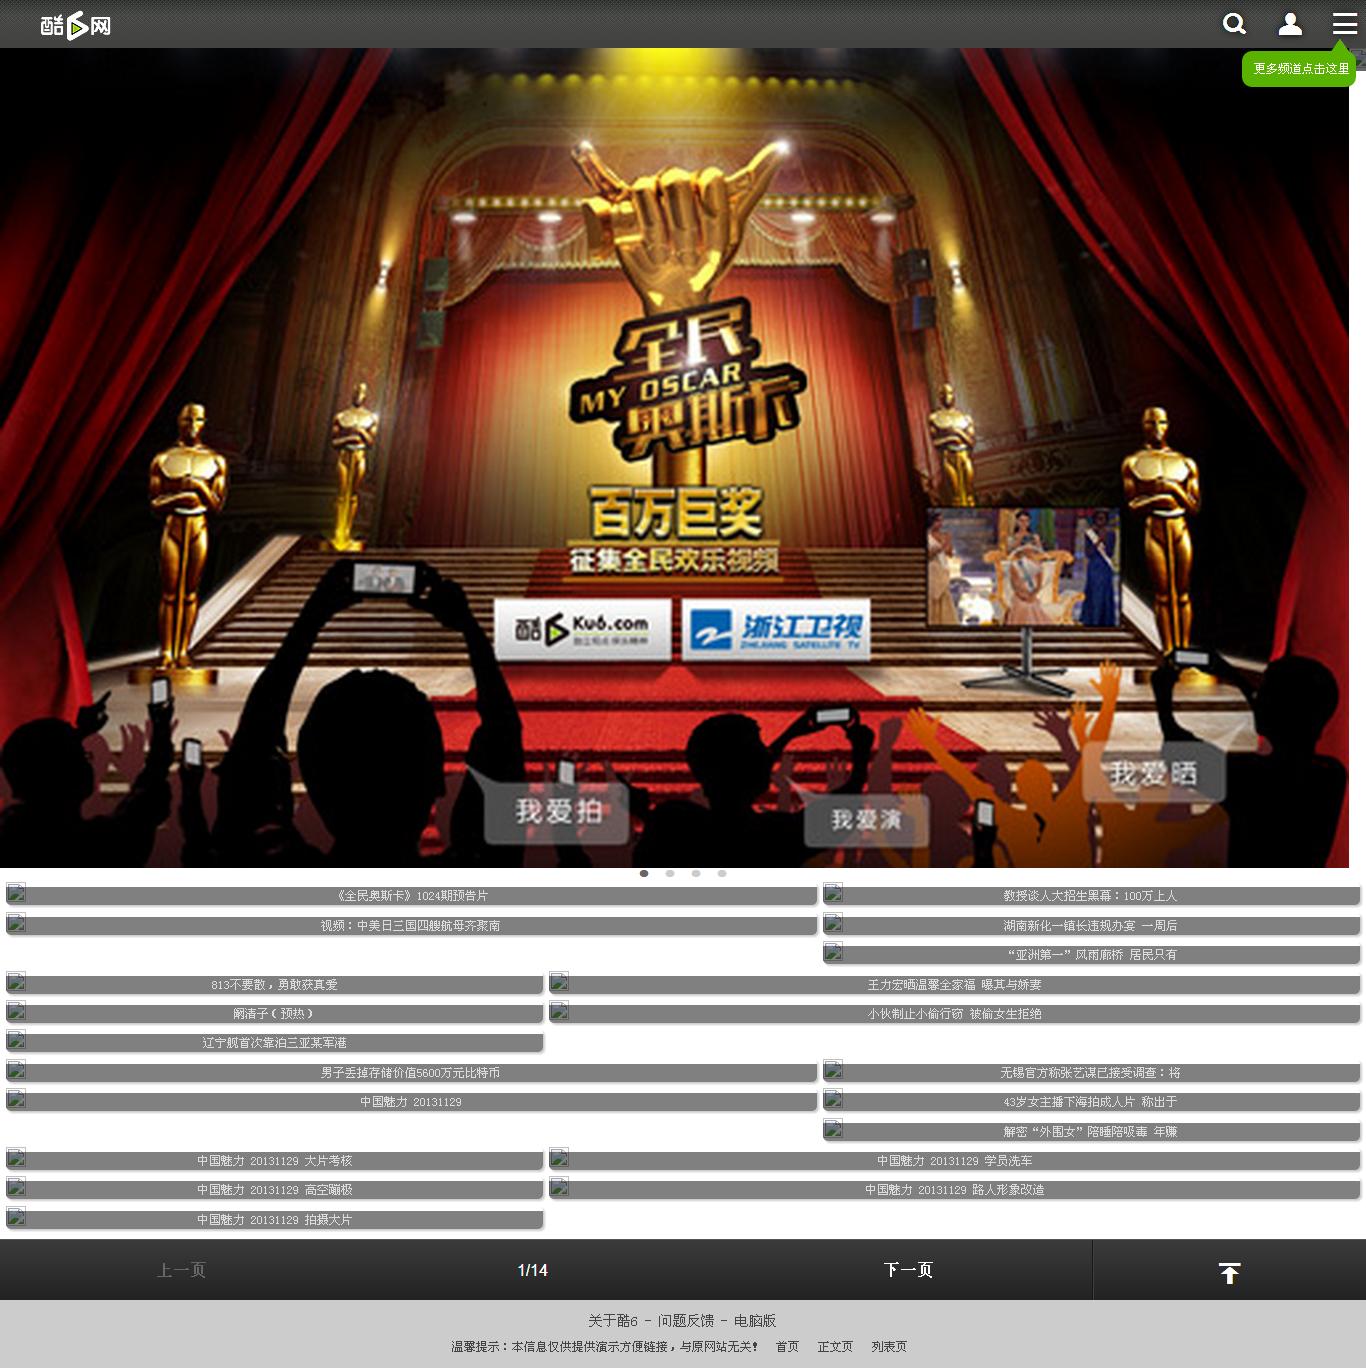 仿手机酷6网微官网手机wap视频网站模板-懒人模板【www.lanrenmb.com】.png